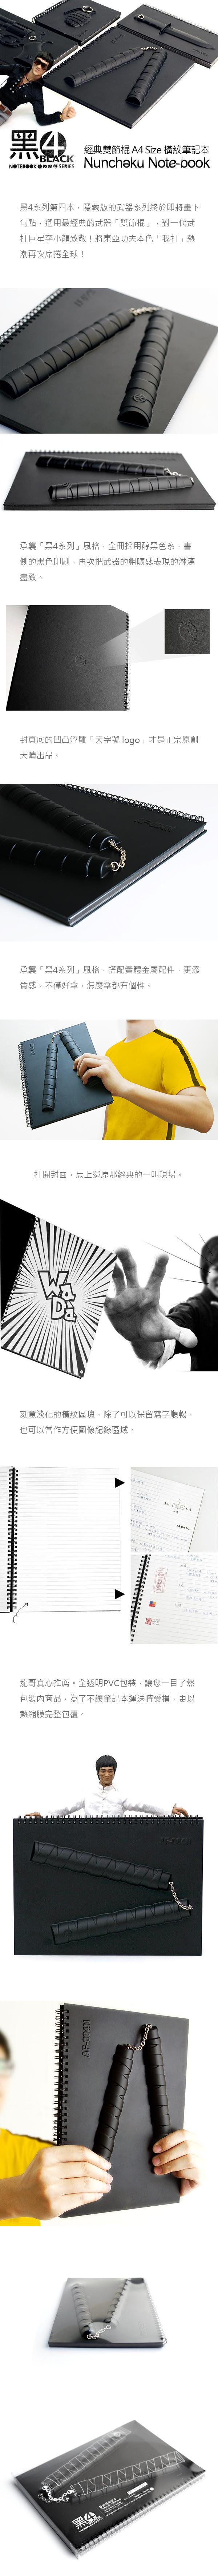 【Bye-Bye Sale經典出清】天晴設計 雙節棍筆記本 Nunchaku note